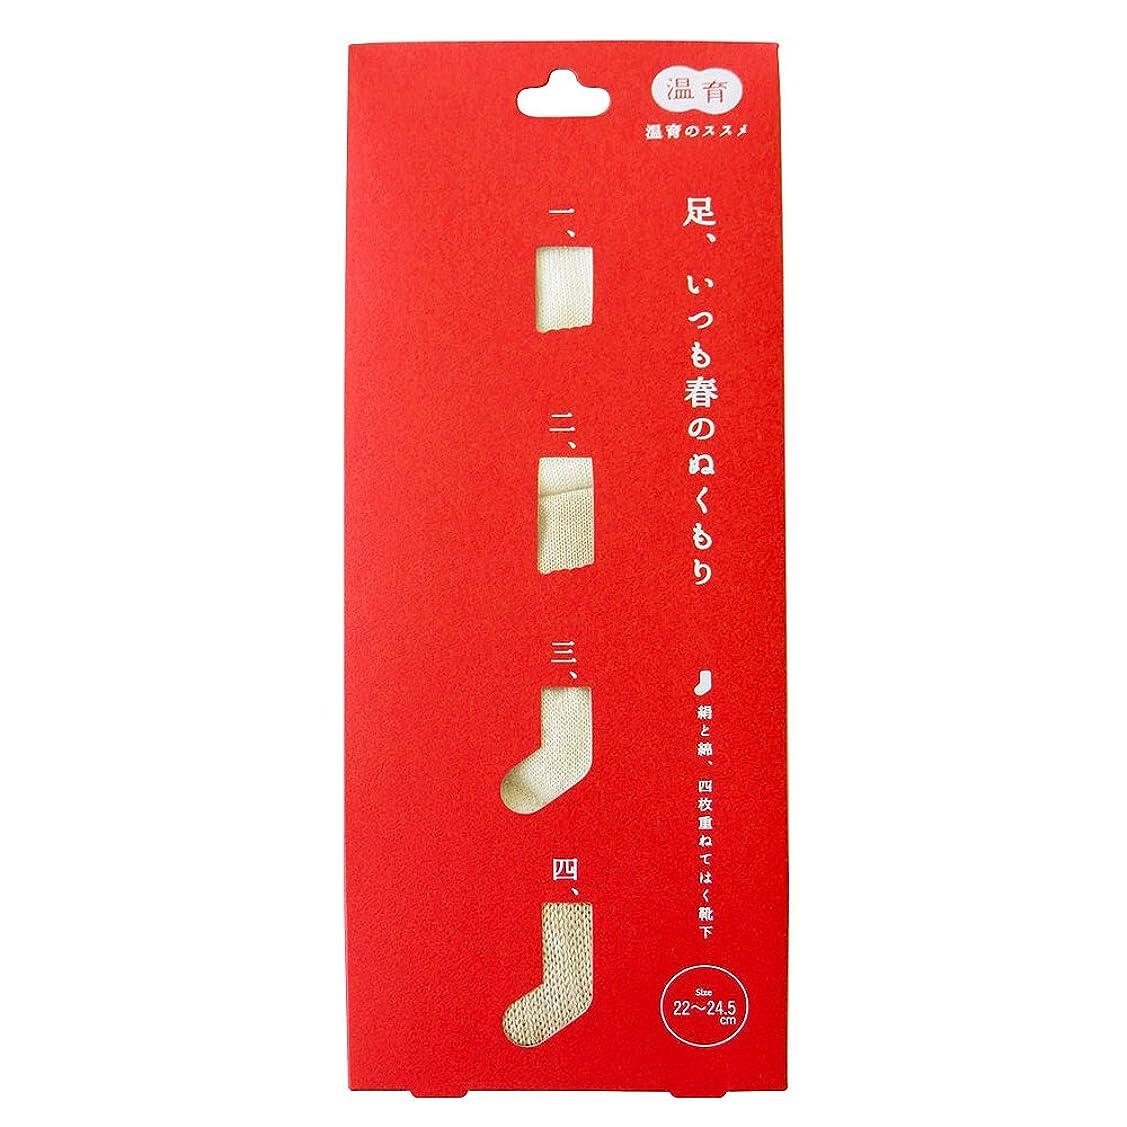 定義蚊本Cocoonfit(コクーンフィット) 温育 絹と綿、四枚重ねてはく靴下